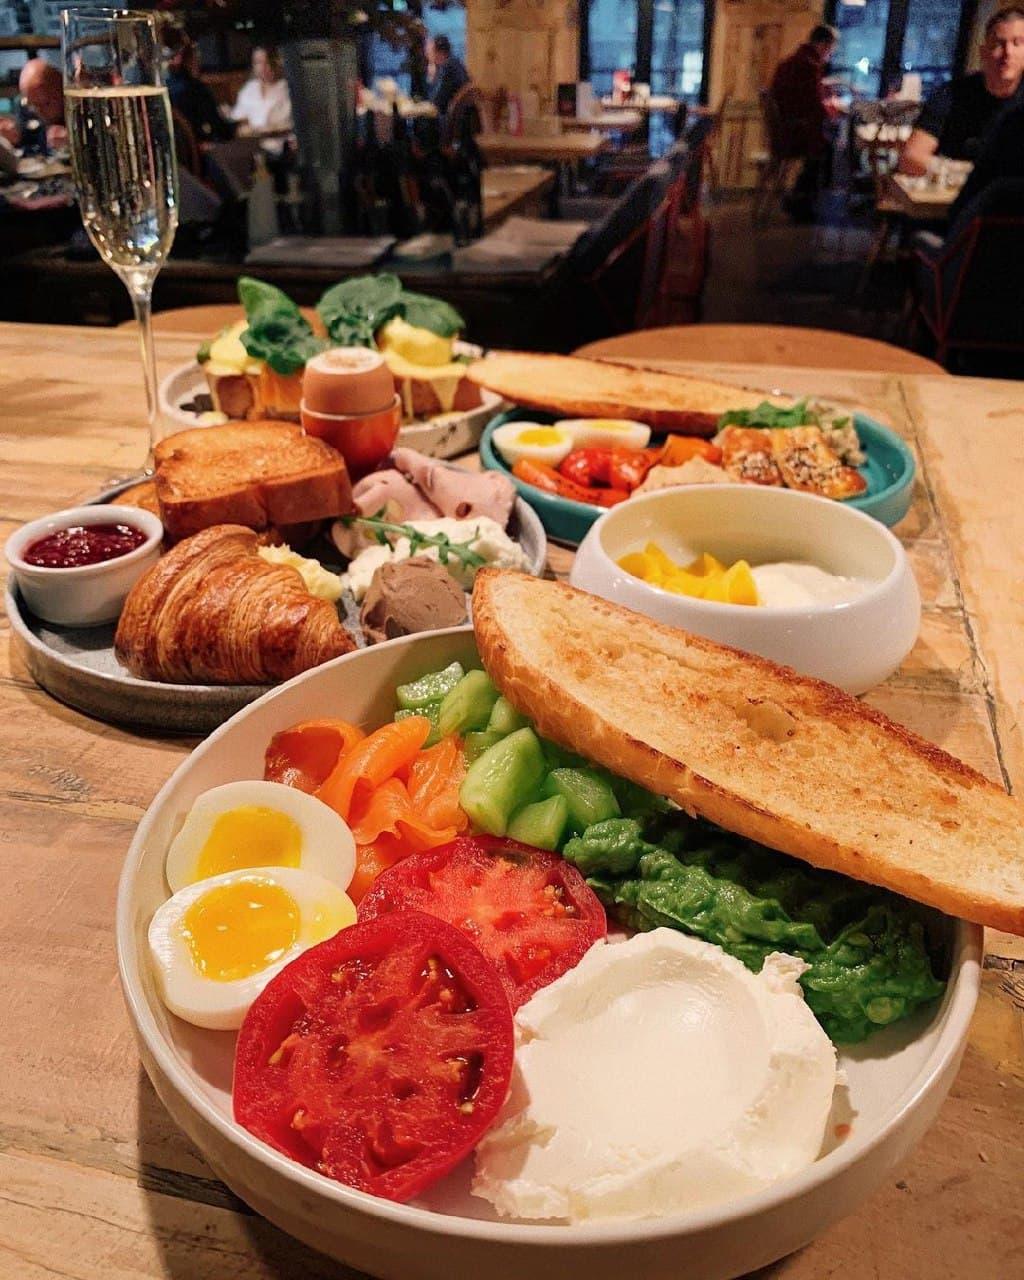 Таким завтраком можно и пообедать